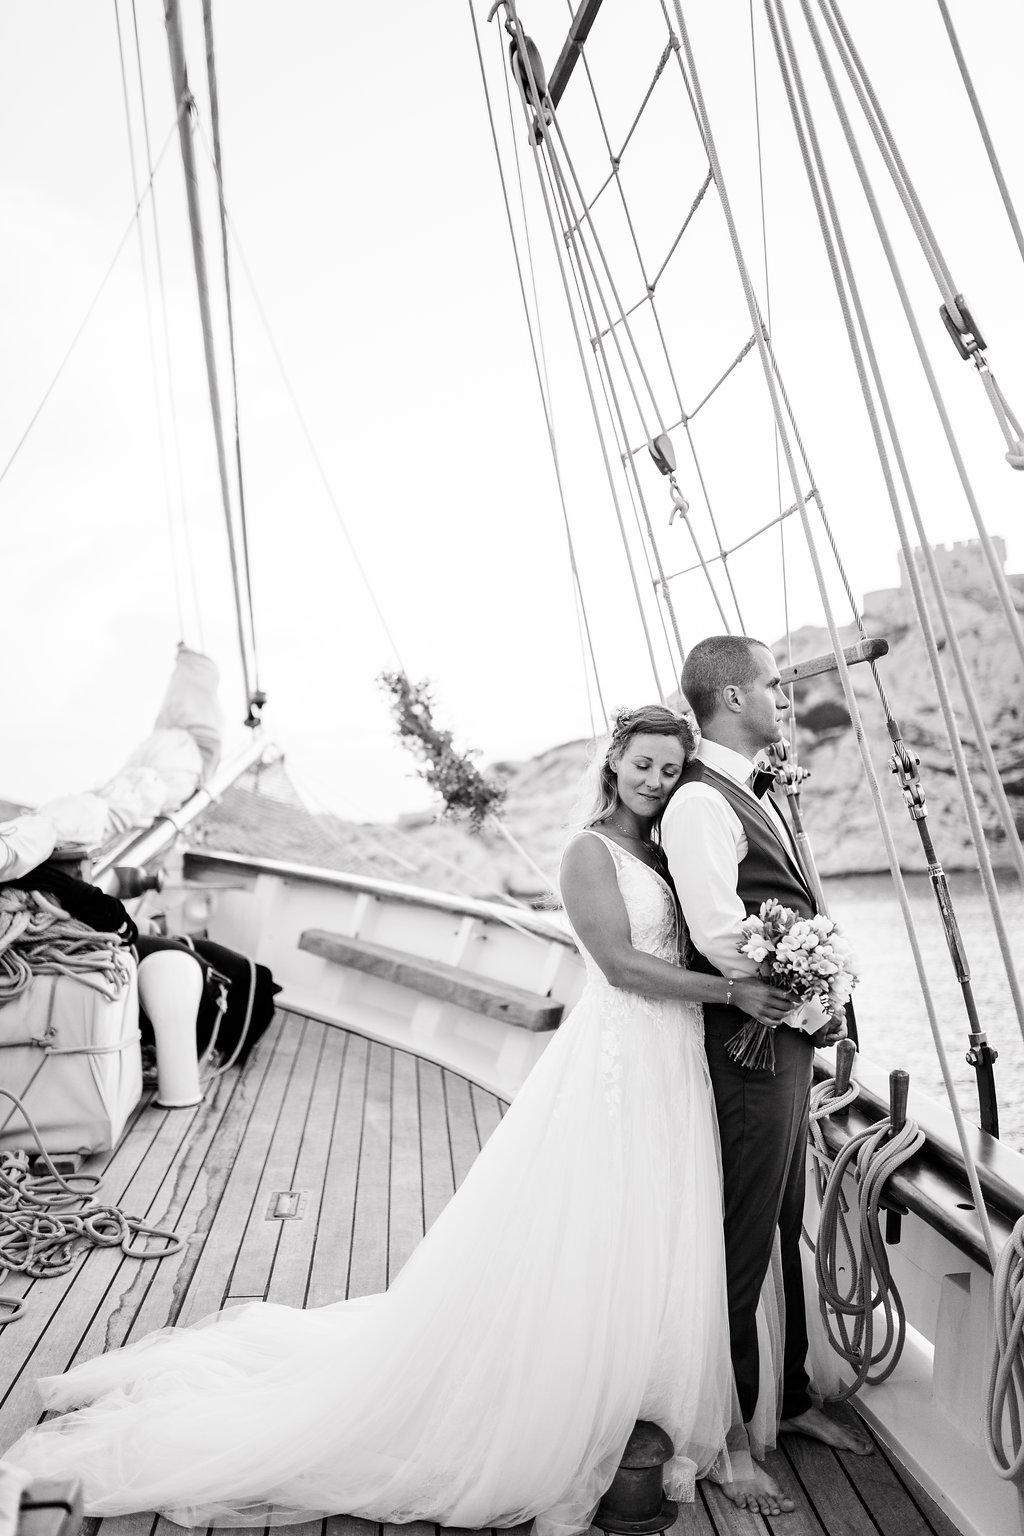 le coeur dans les etoiles - wedding planner - provence - sardaigne - shooting inspiration - mariage voilier - audrey carnoy - photo couple 4